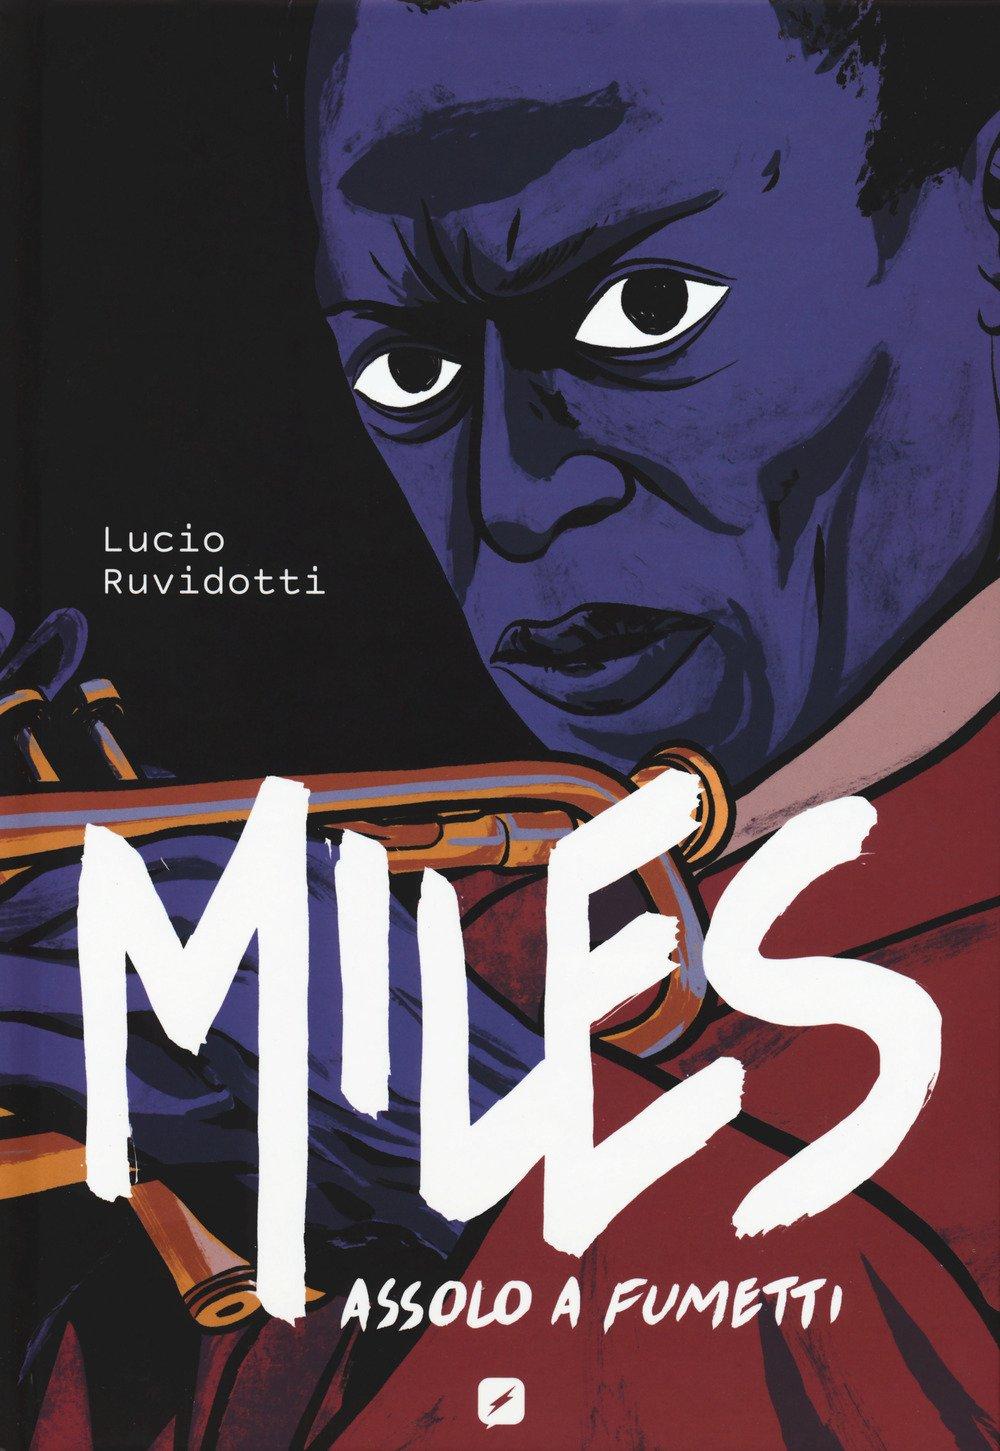 Miles: Assolo a fumetti, copertina di Lucio Ruvidotti